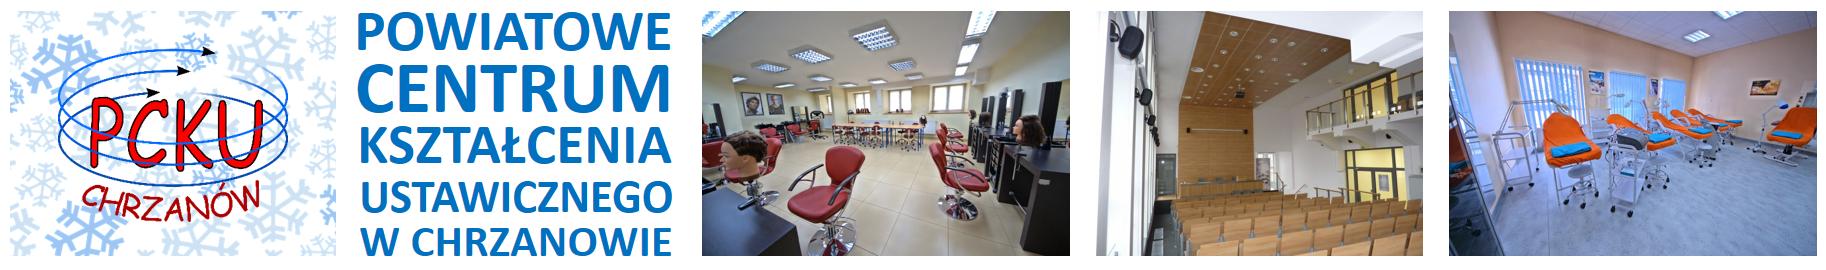 Powiatowe Centrum Kształcenia Ustawicznego w Chrzanowie